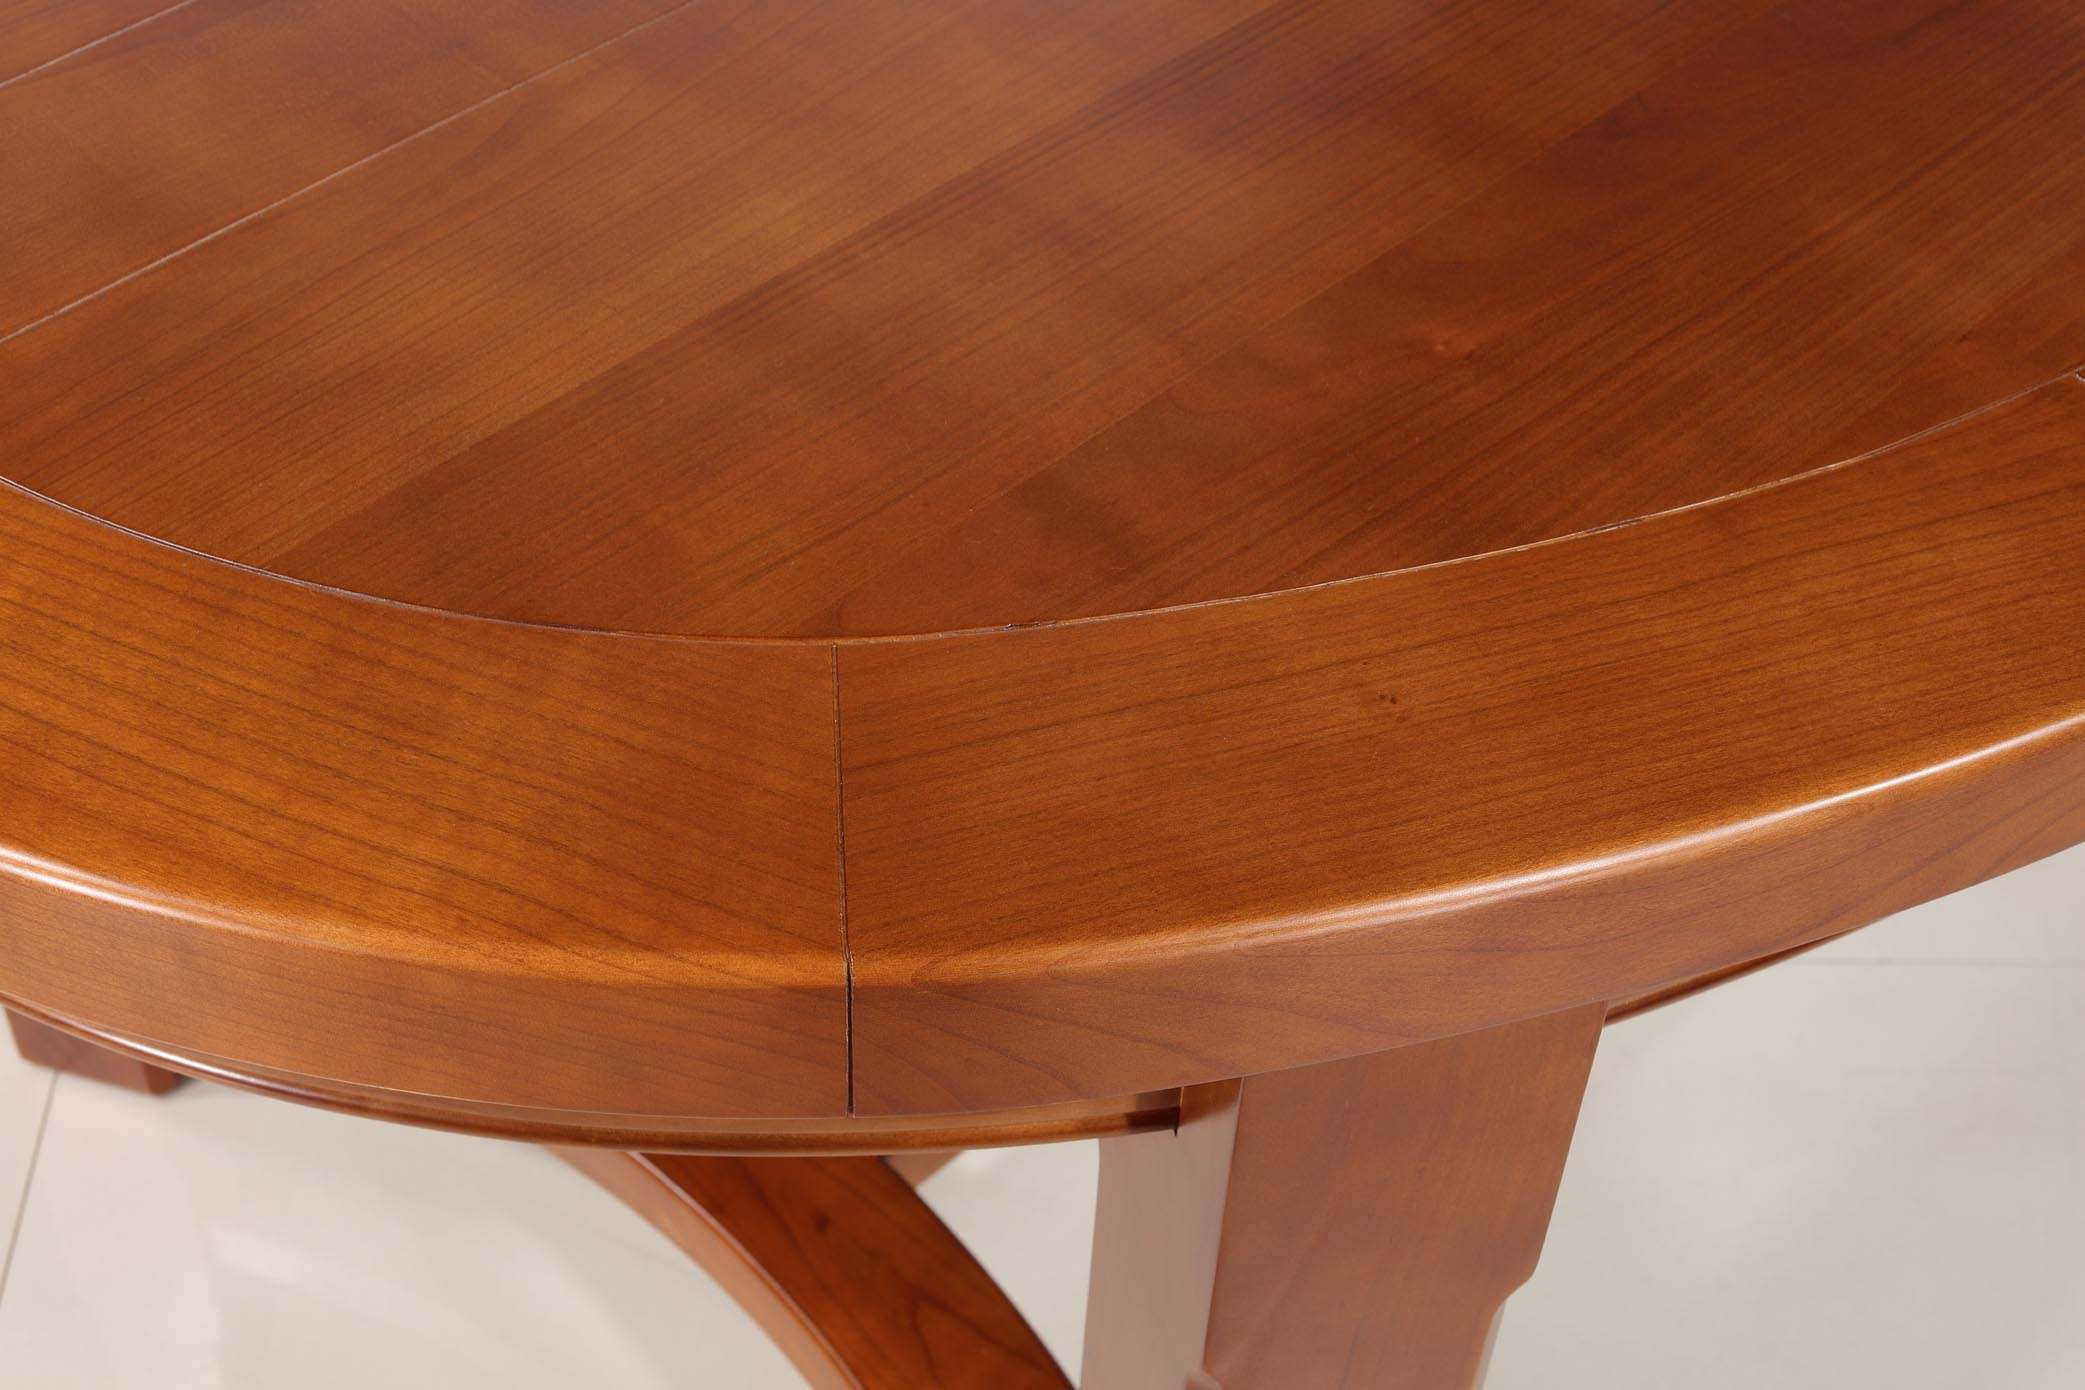 Table de ferme ovale Dora en Merisier Massif de style Campagnard ...